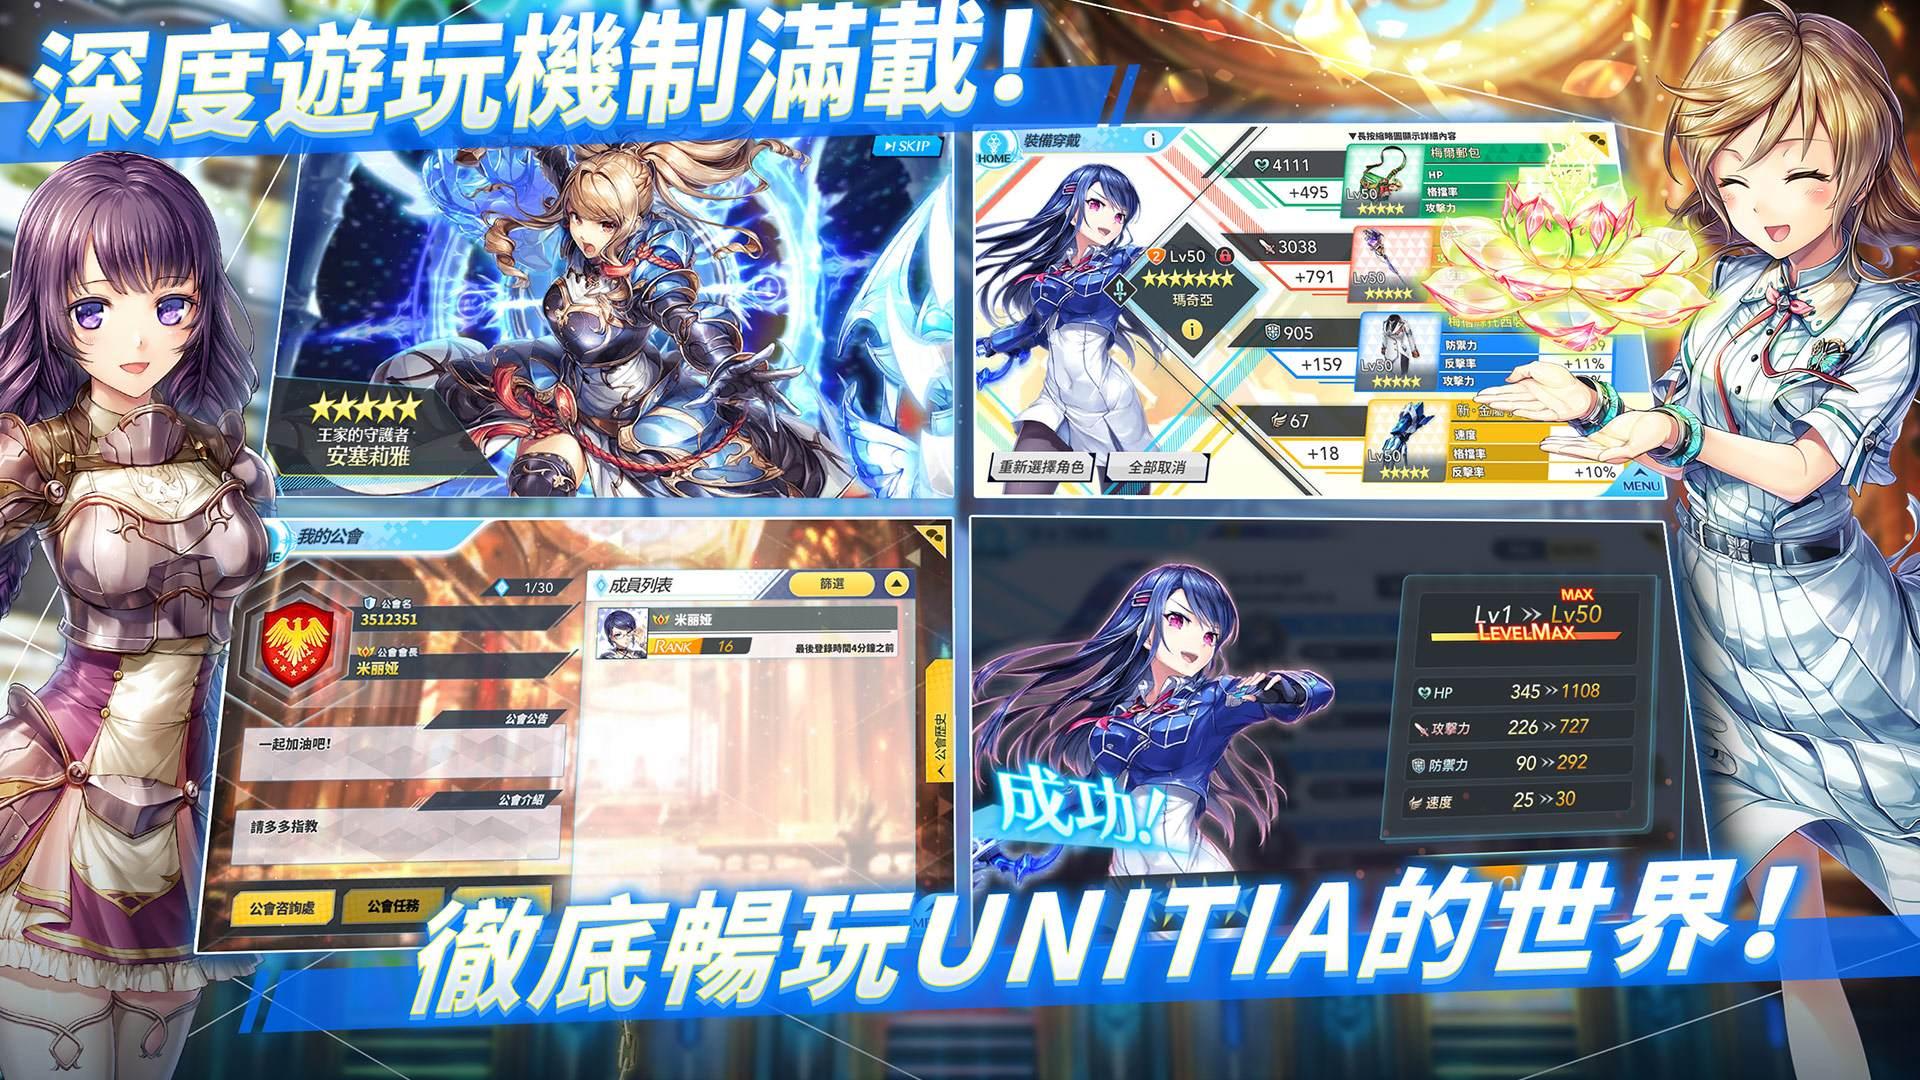 UNITIA 神託之使徒×終焉之女神 - 3DCG Game